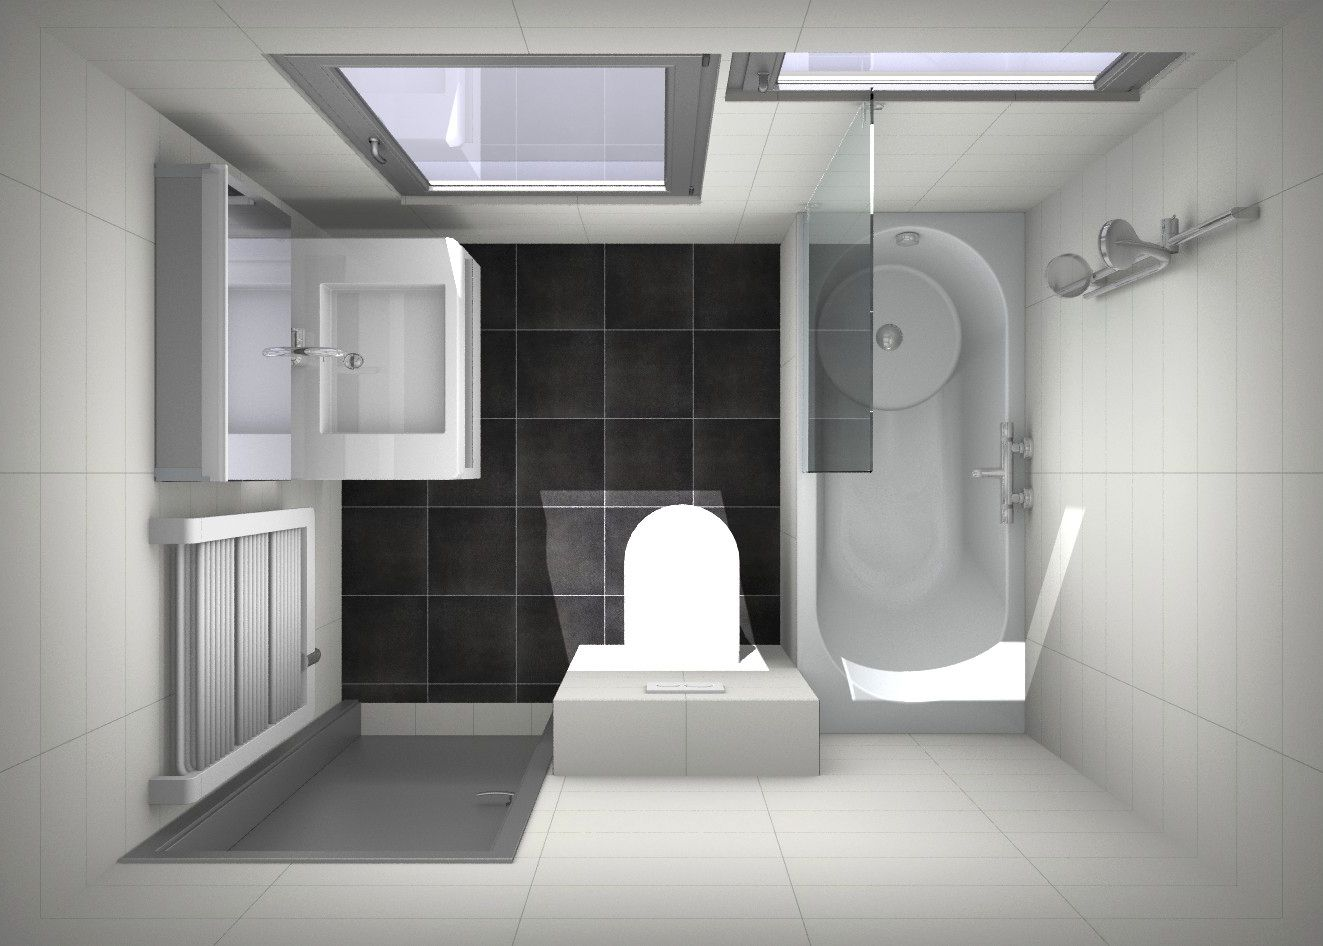 Kleien Badkamer Voorbeelden : Voorbeeld ontwerp douchen in bad kleine badkamer küçük